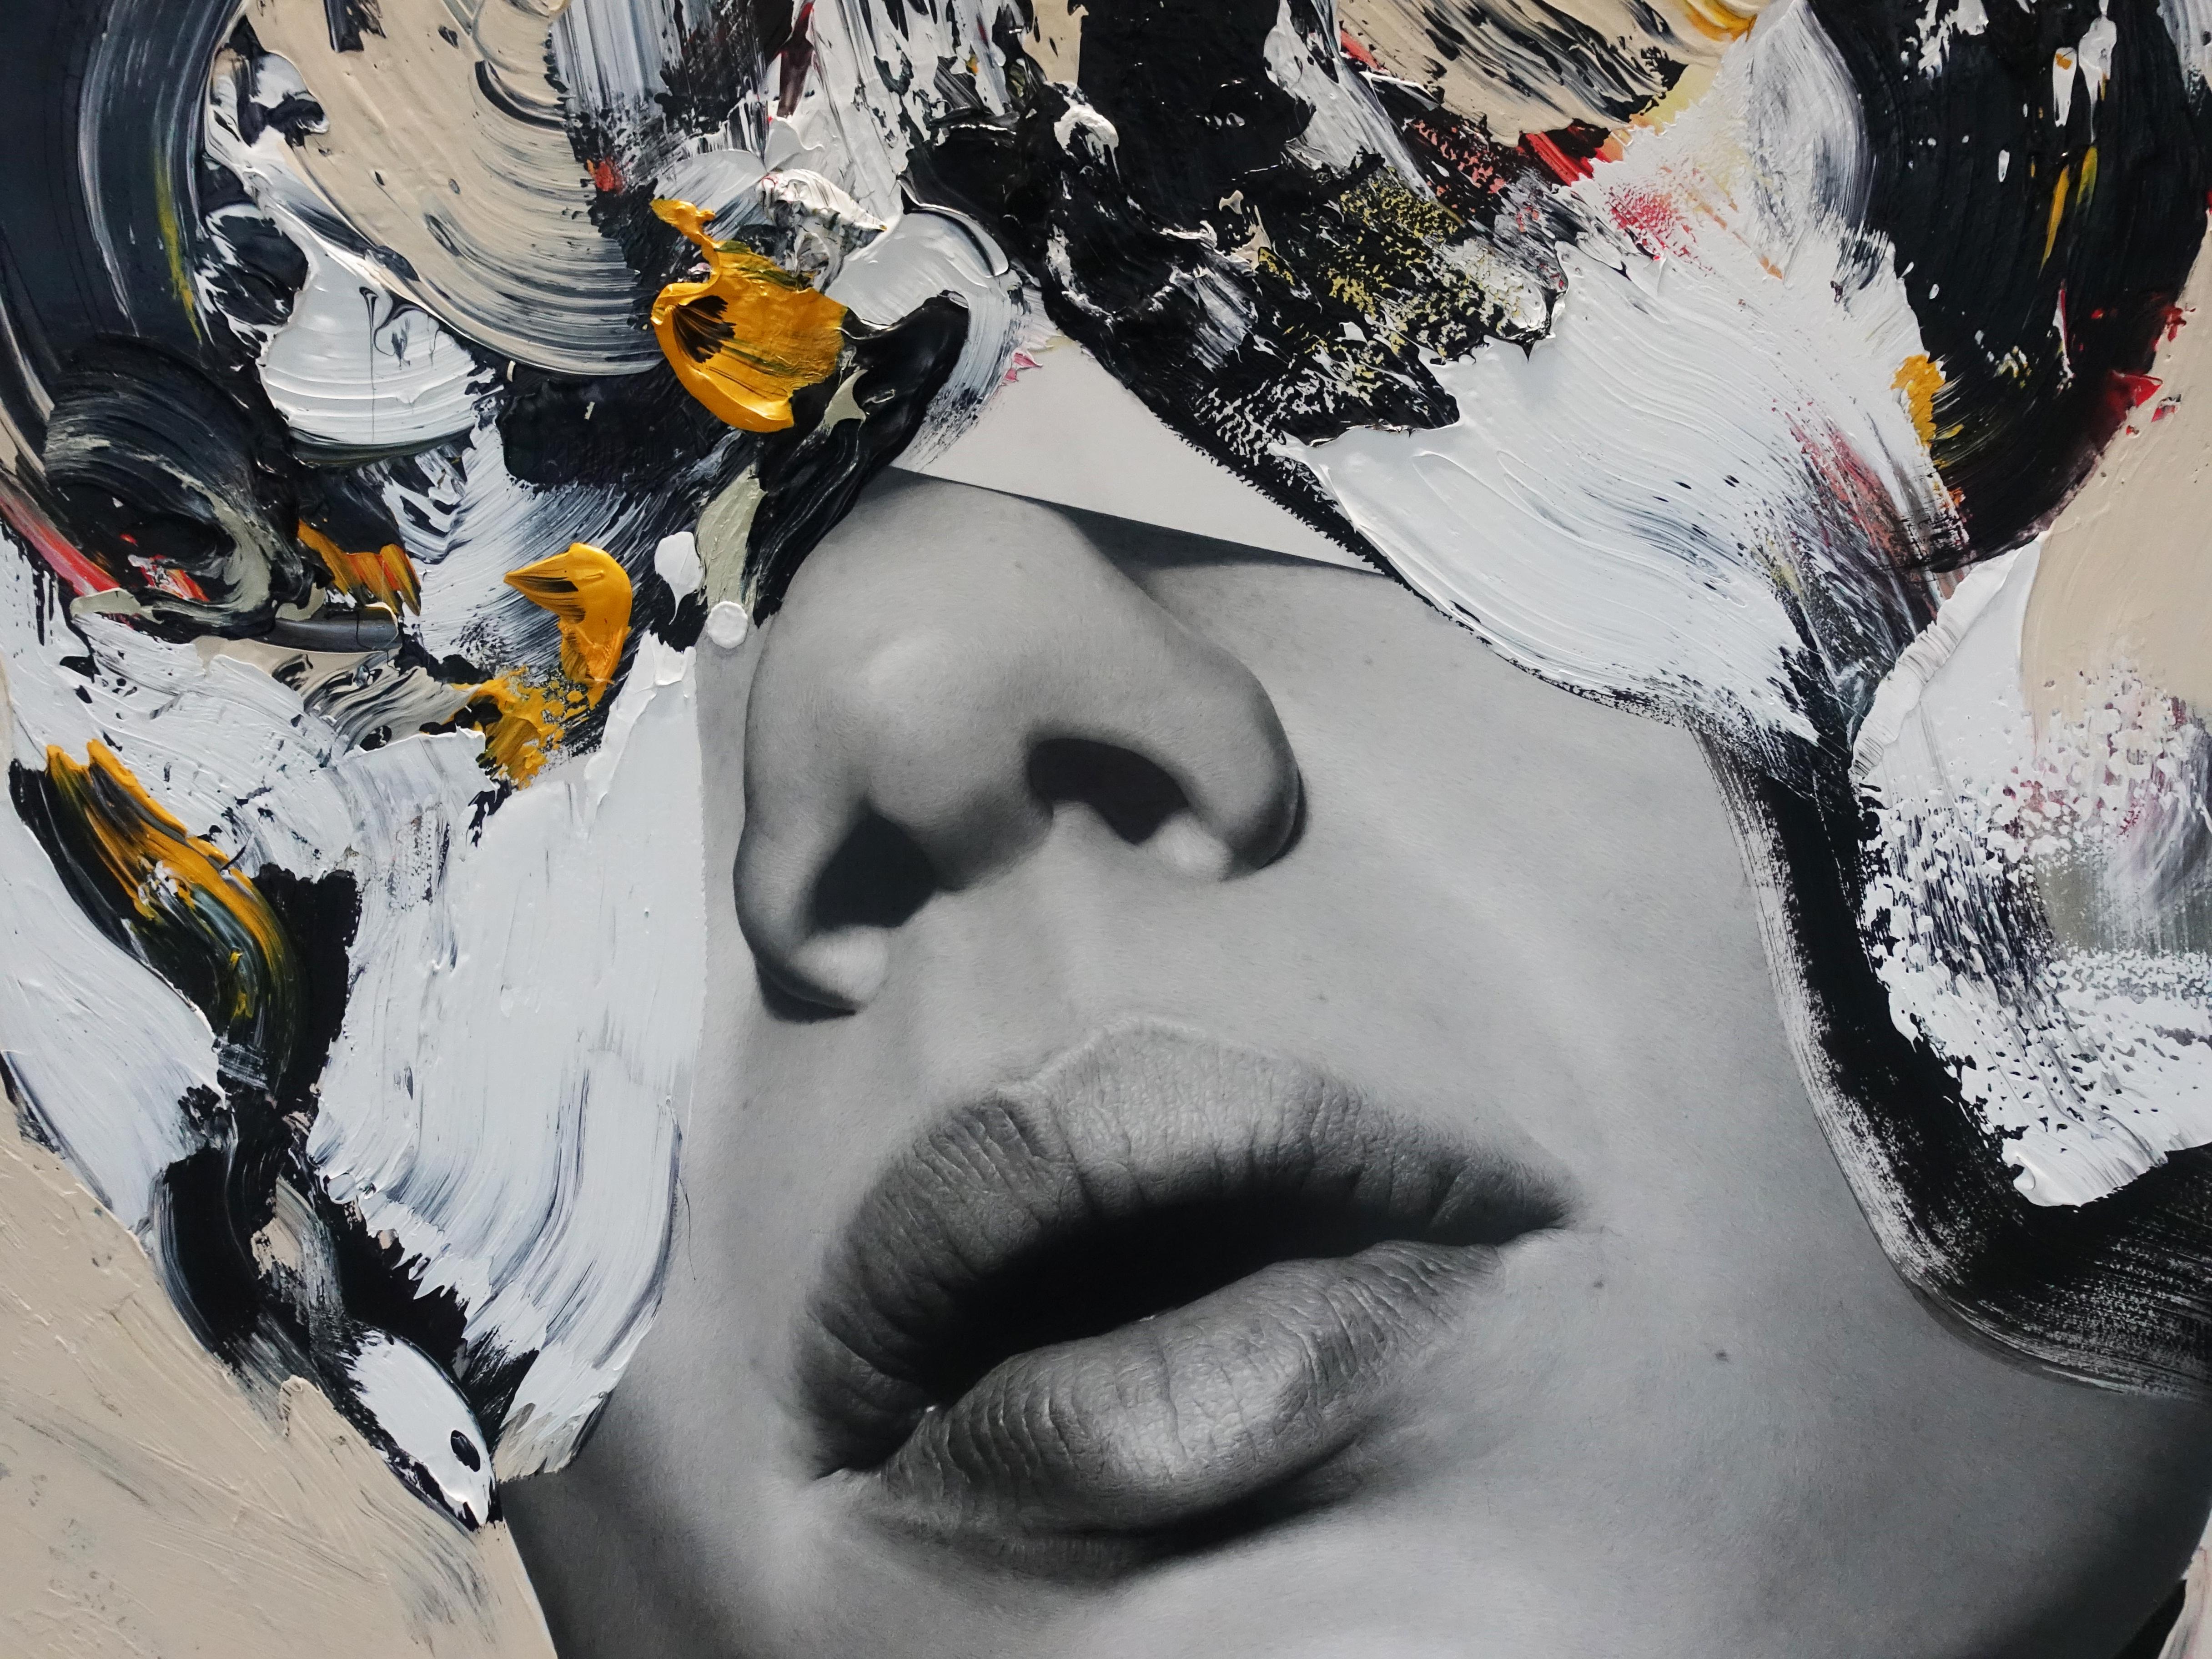 佐藤誠高,《Conscious Woman》,140 x 107 cm,鉛筆、壓克力、紙、木板,2019。